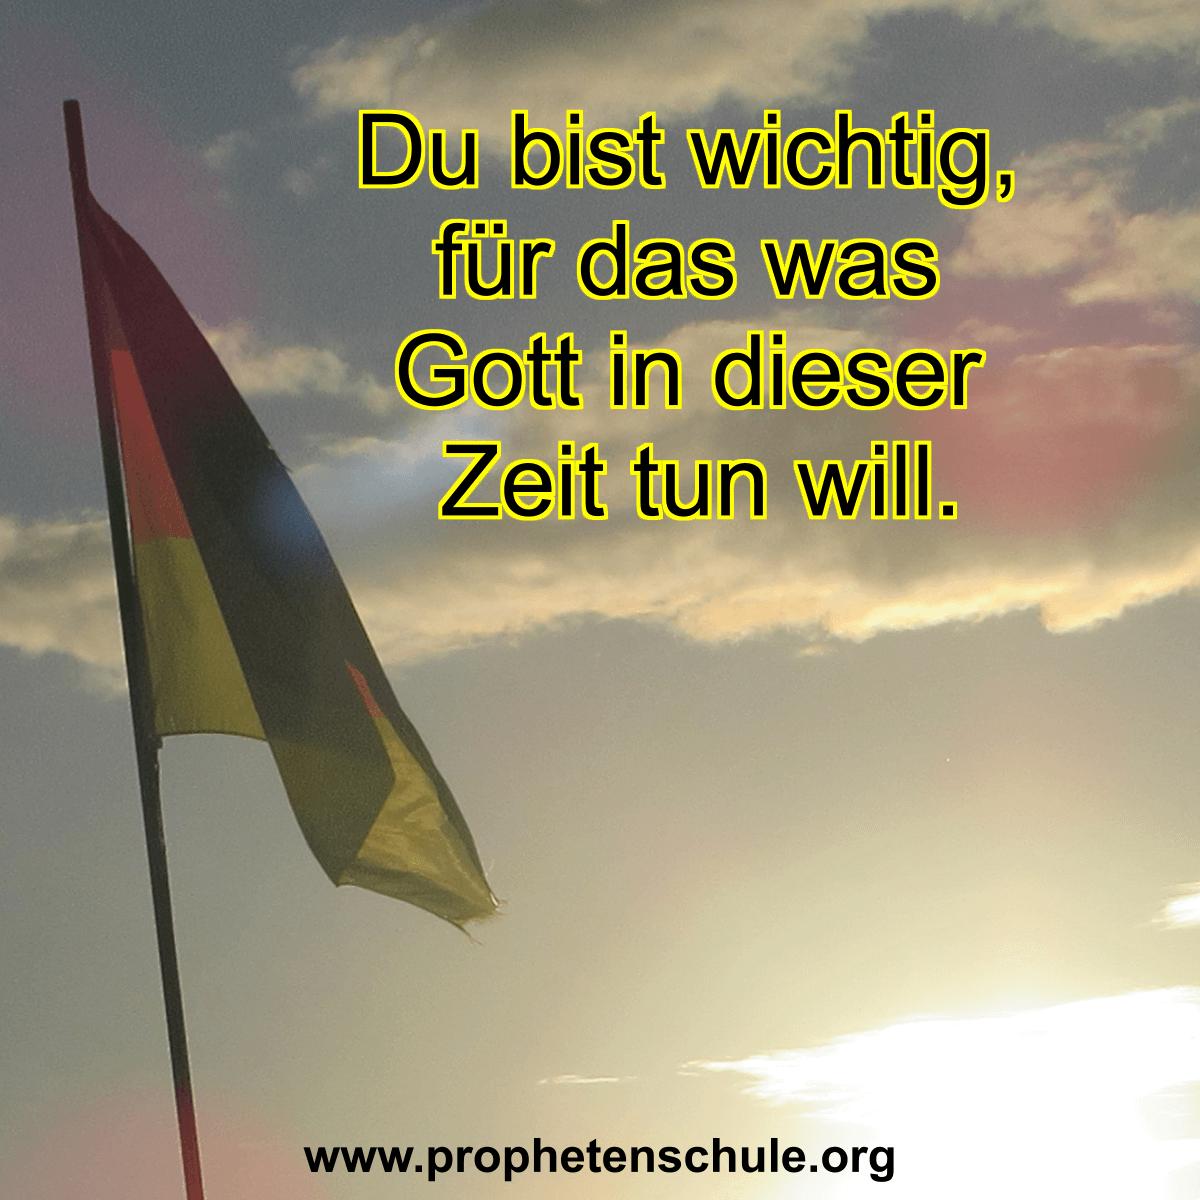 deutschland | Prophetenschule.org